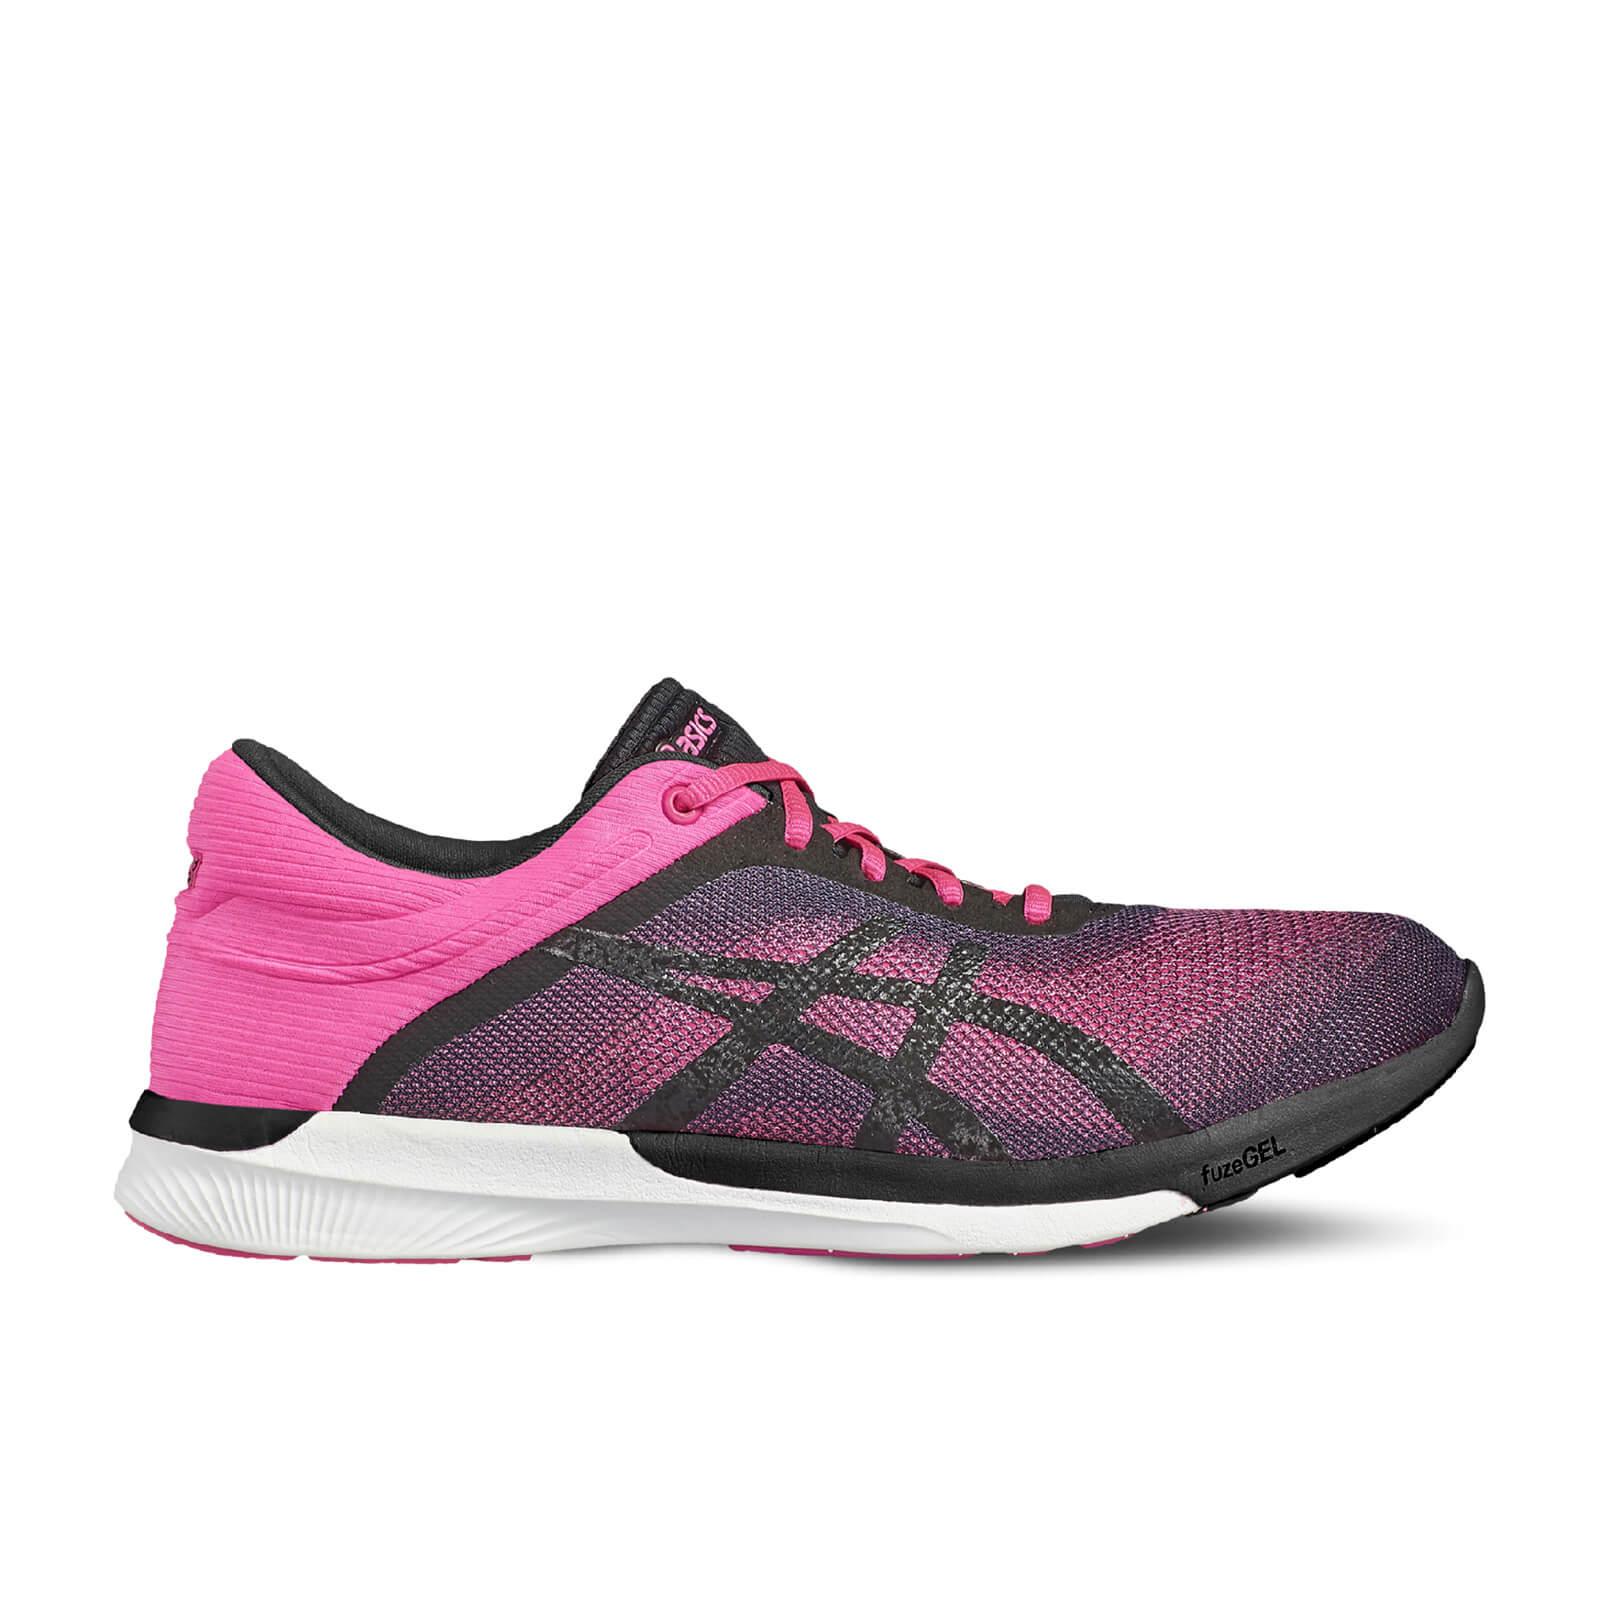 économiser 29c9a a5591 Asics Running Women's FuzeX Rush Running Shoes - Hot Pink